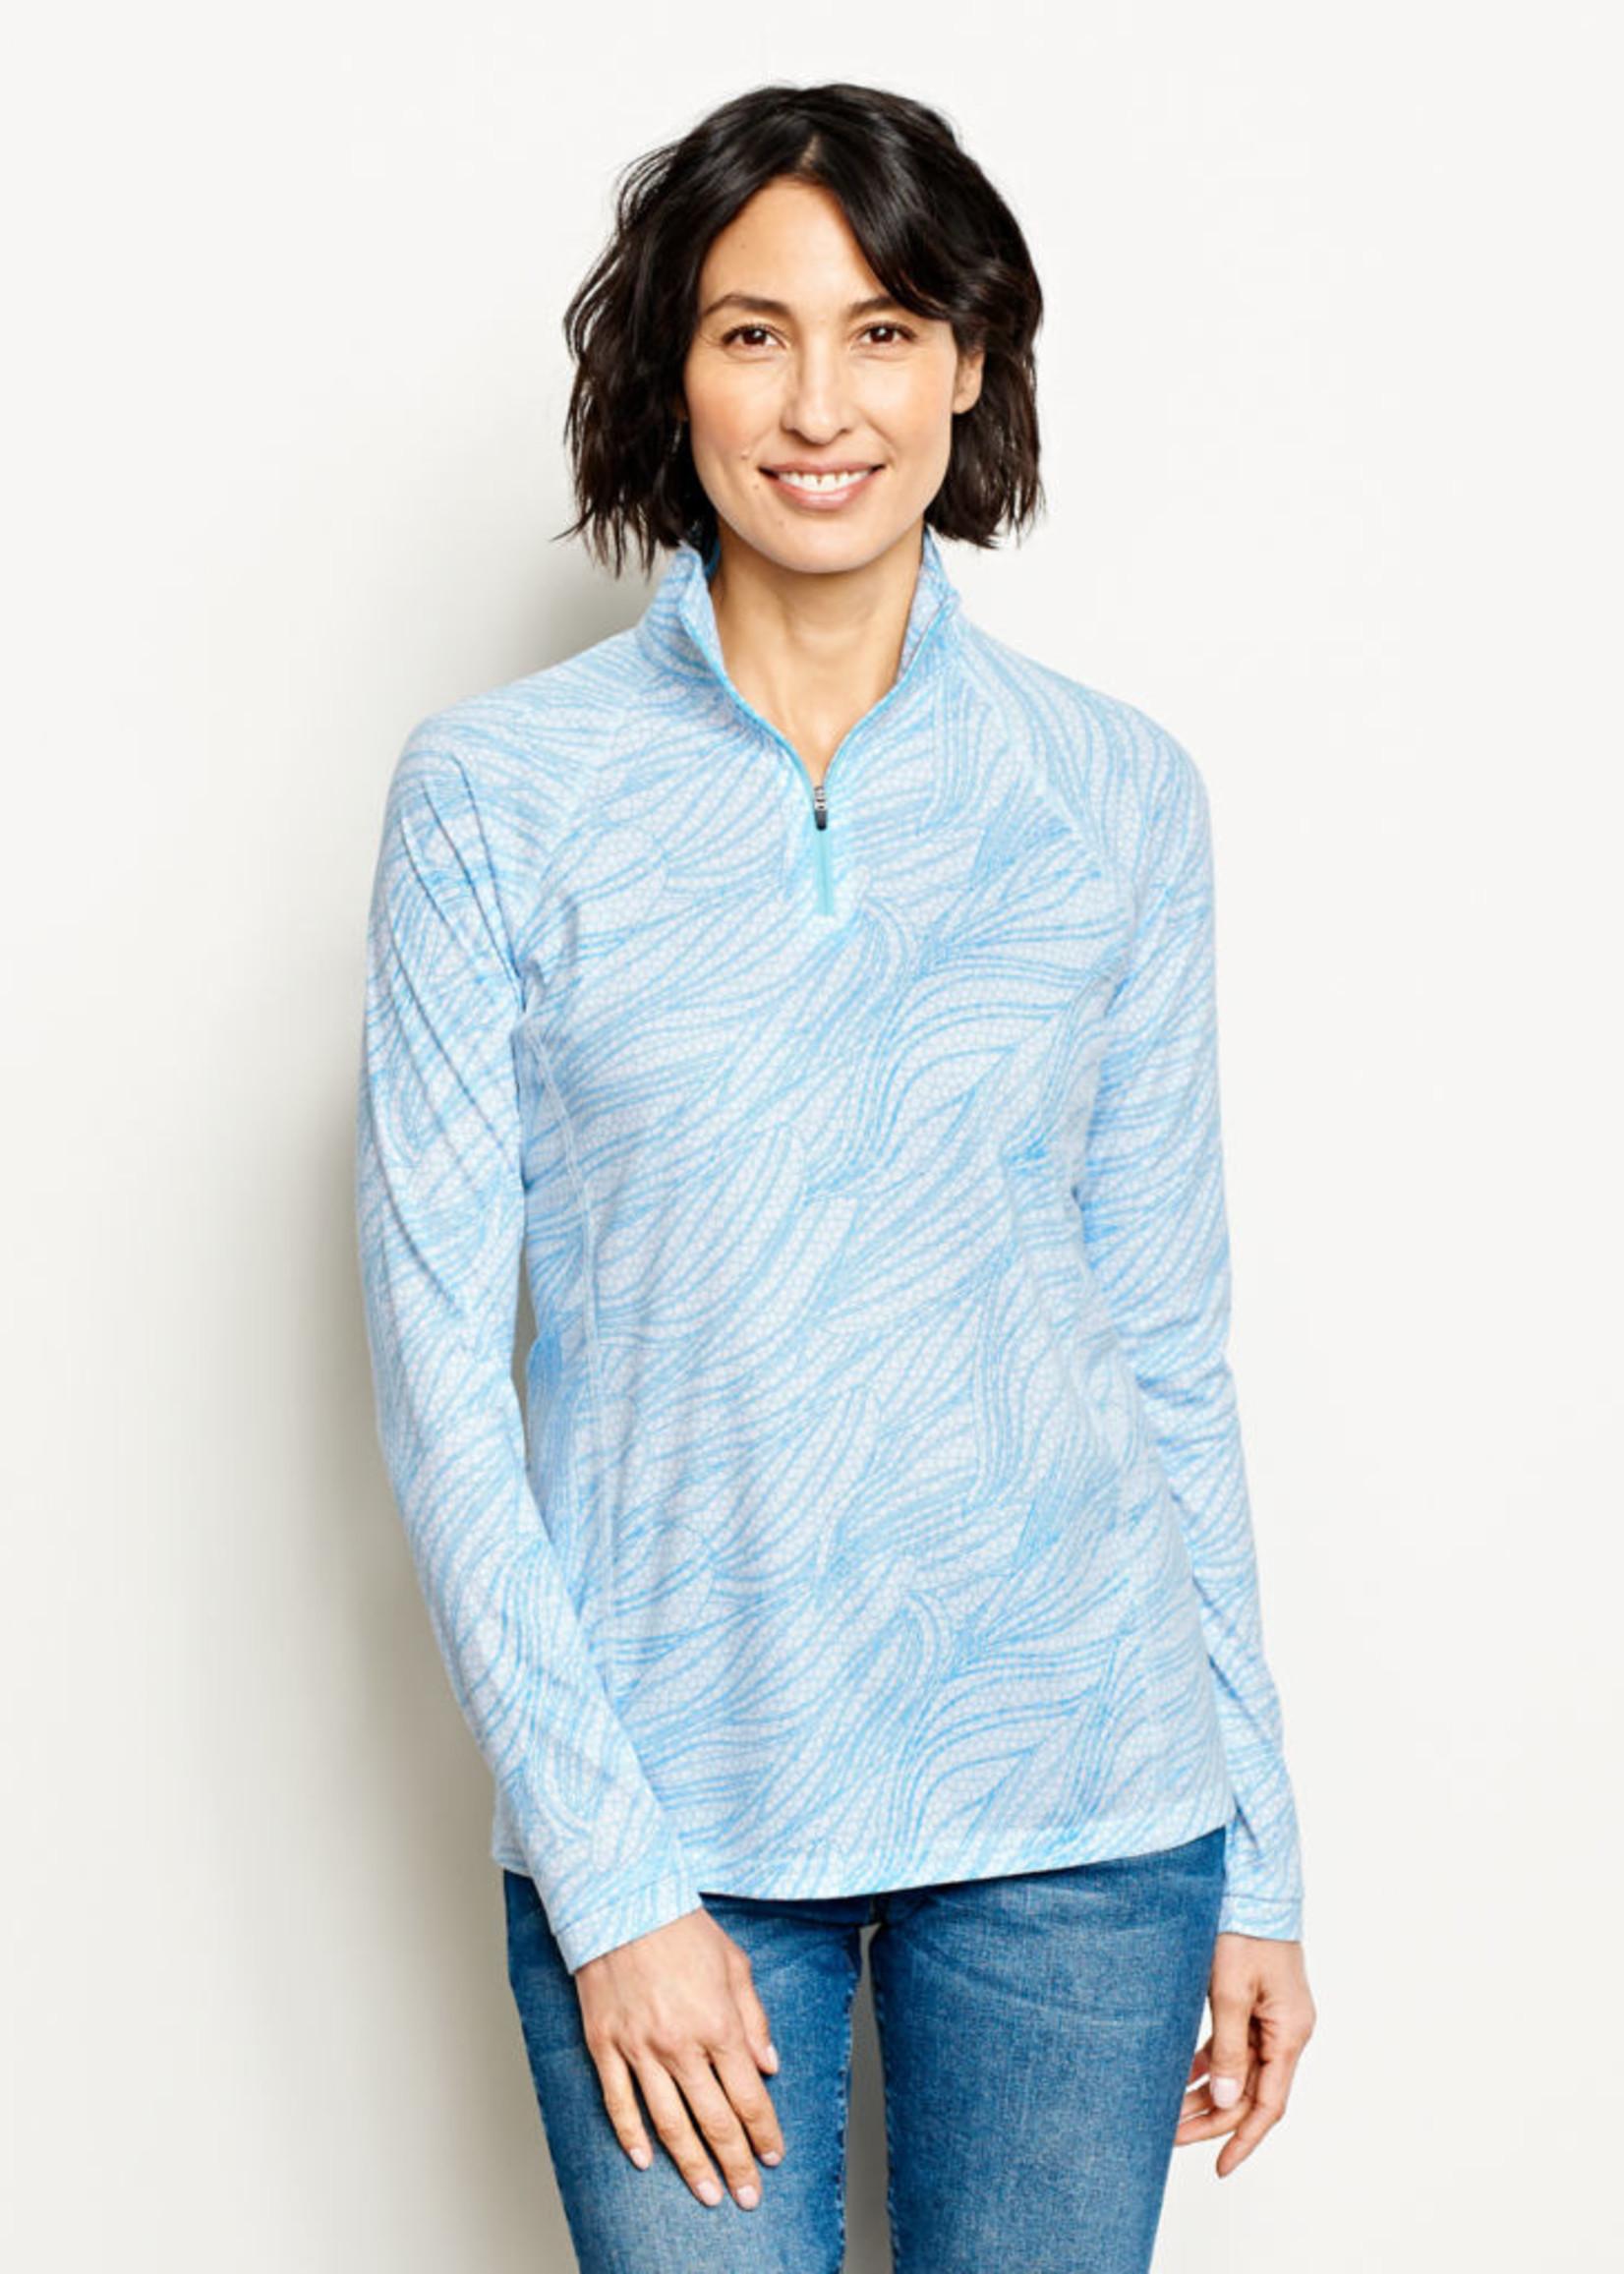 ORVIS Women's Drirelease Long-Sleeved Quarter-Zip Tee